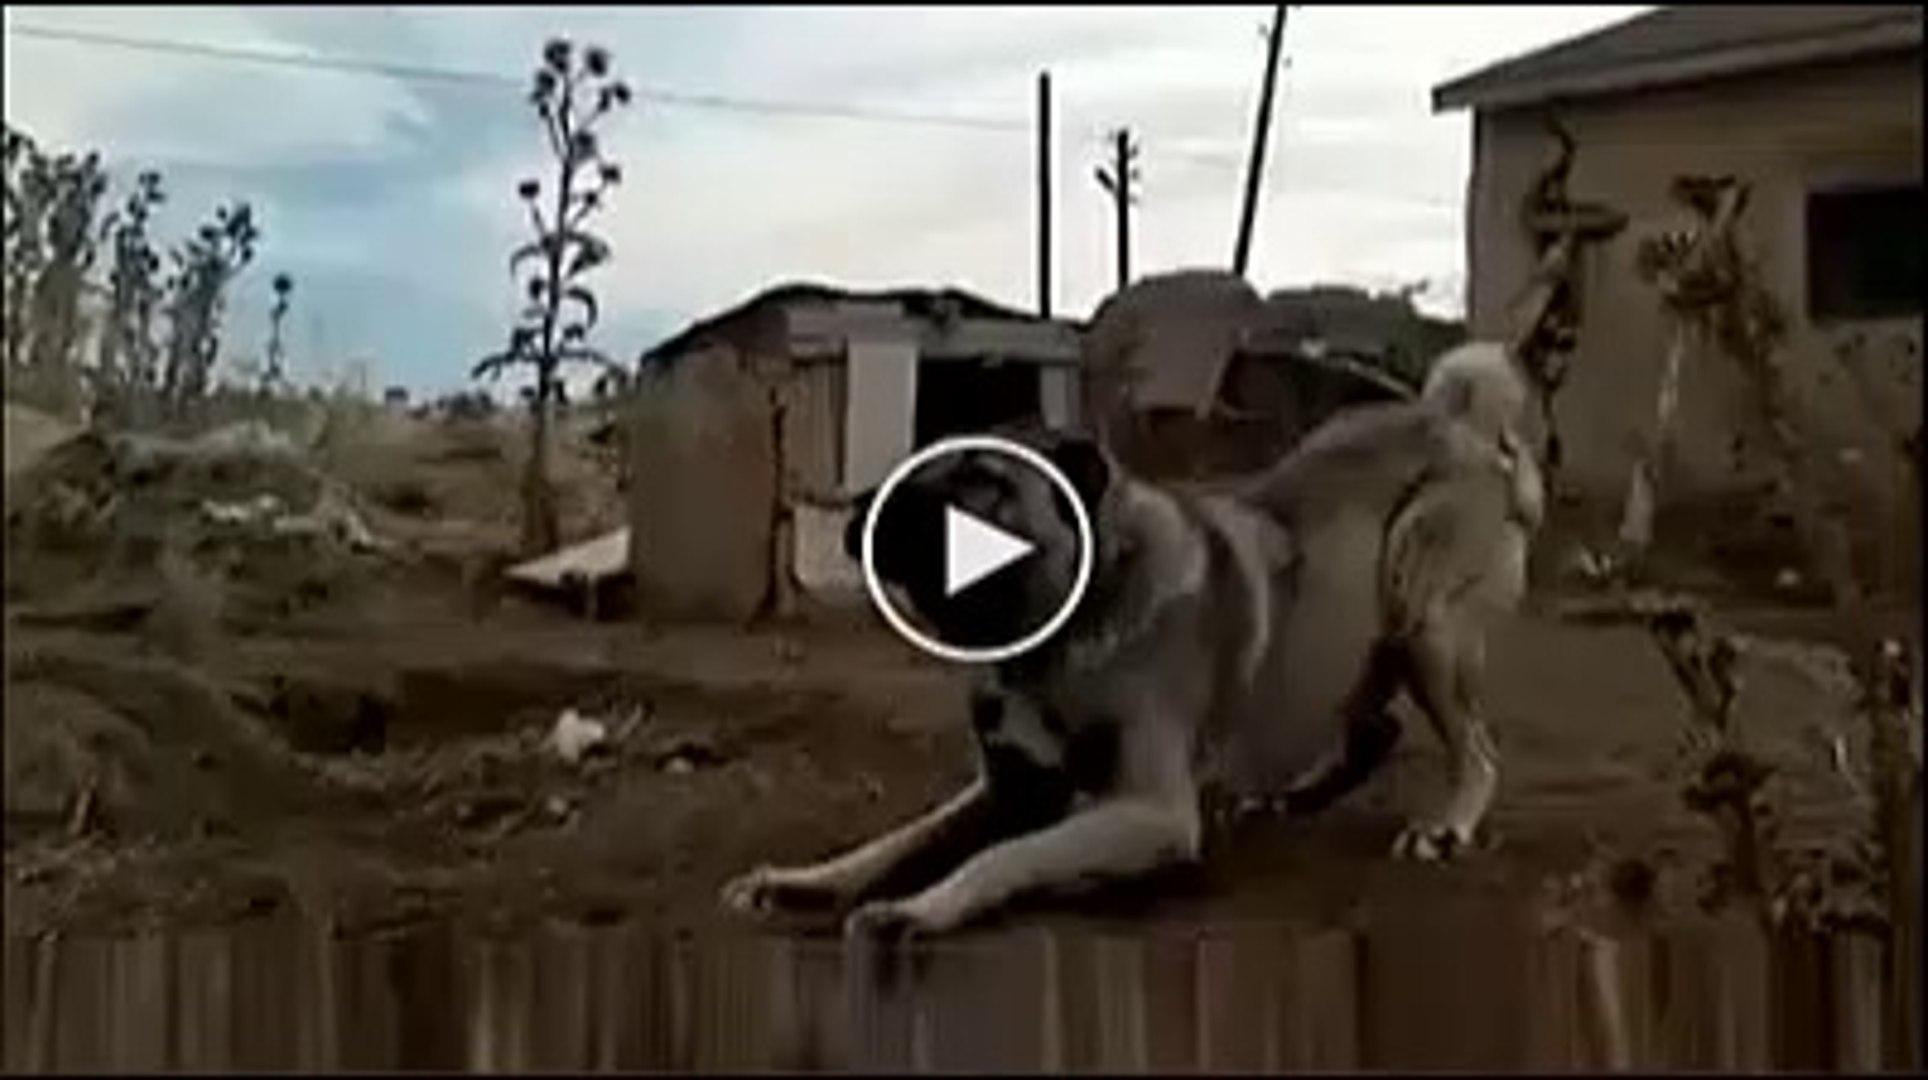 KALIN ADAMCI SiVAS KANGAL KOPEGi - ANATOLiAN SHEPHERD SiVAS KANGAL DOG